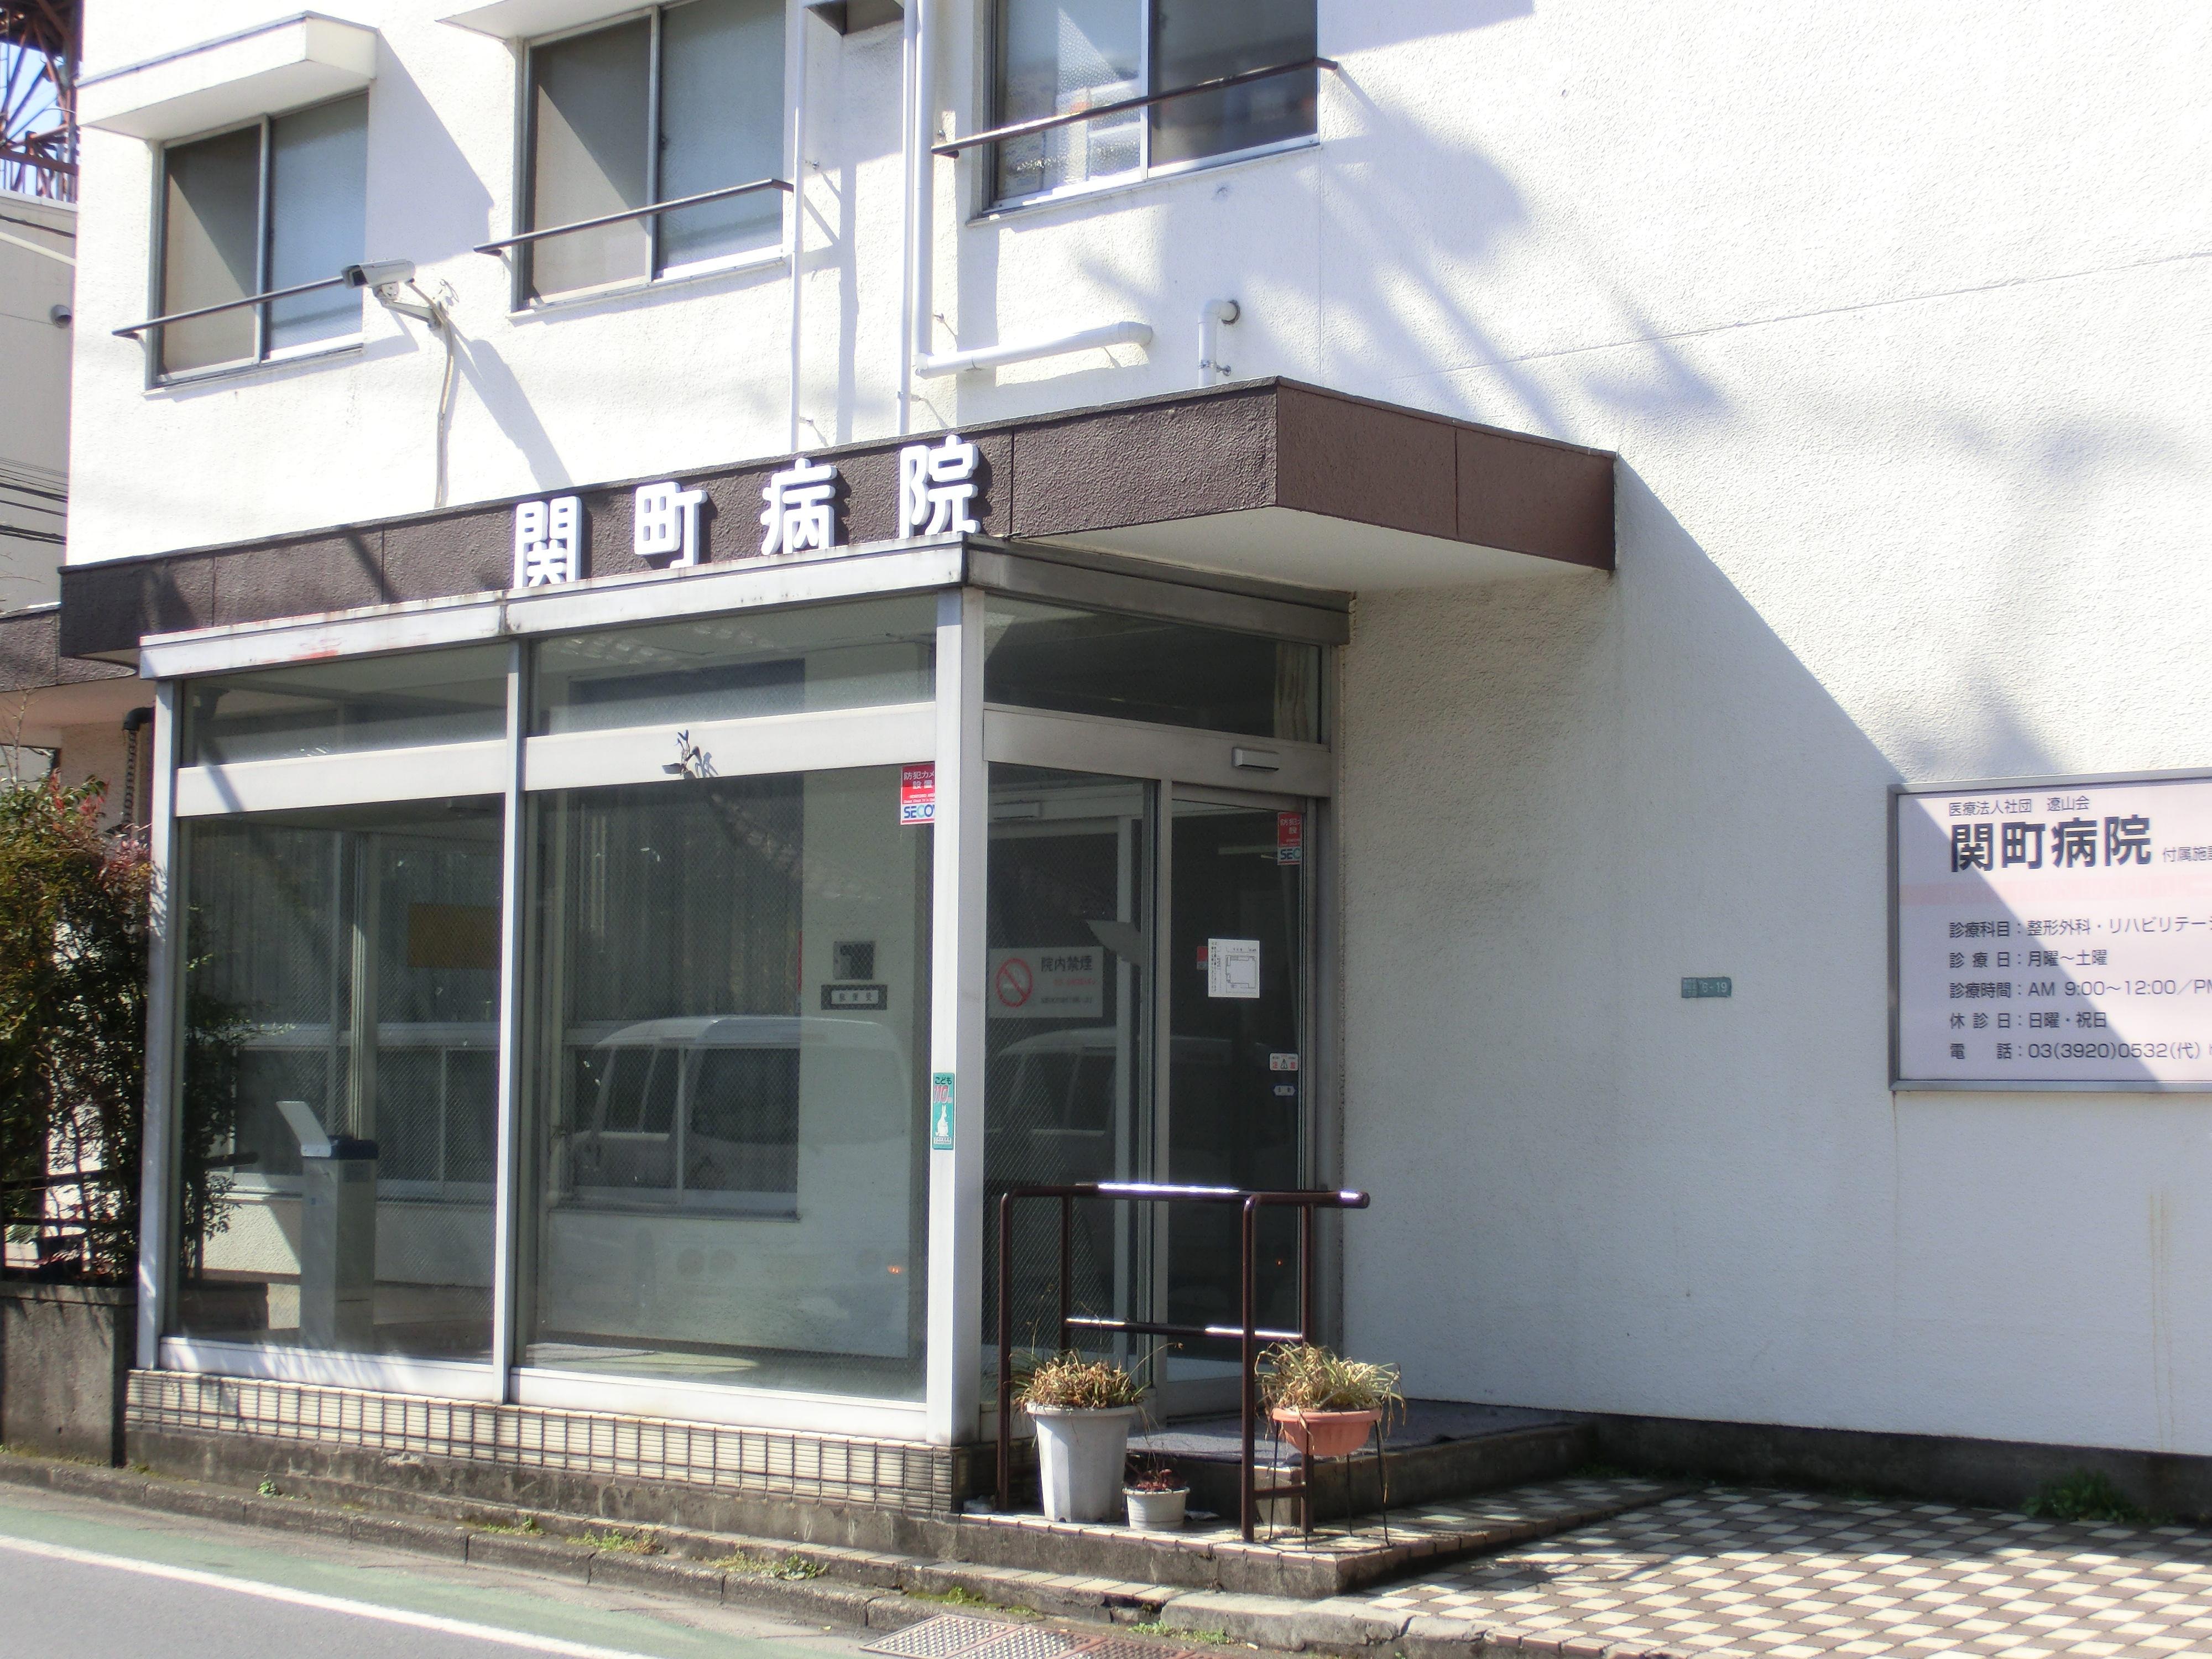 関町病院の写真1001